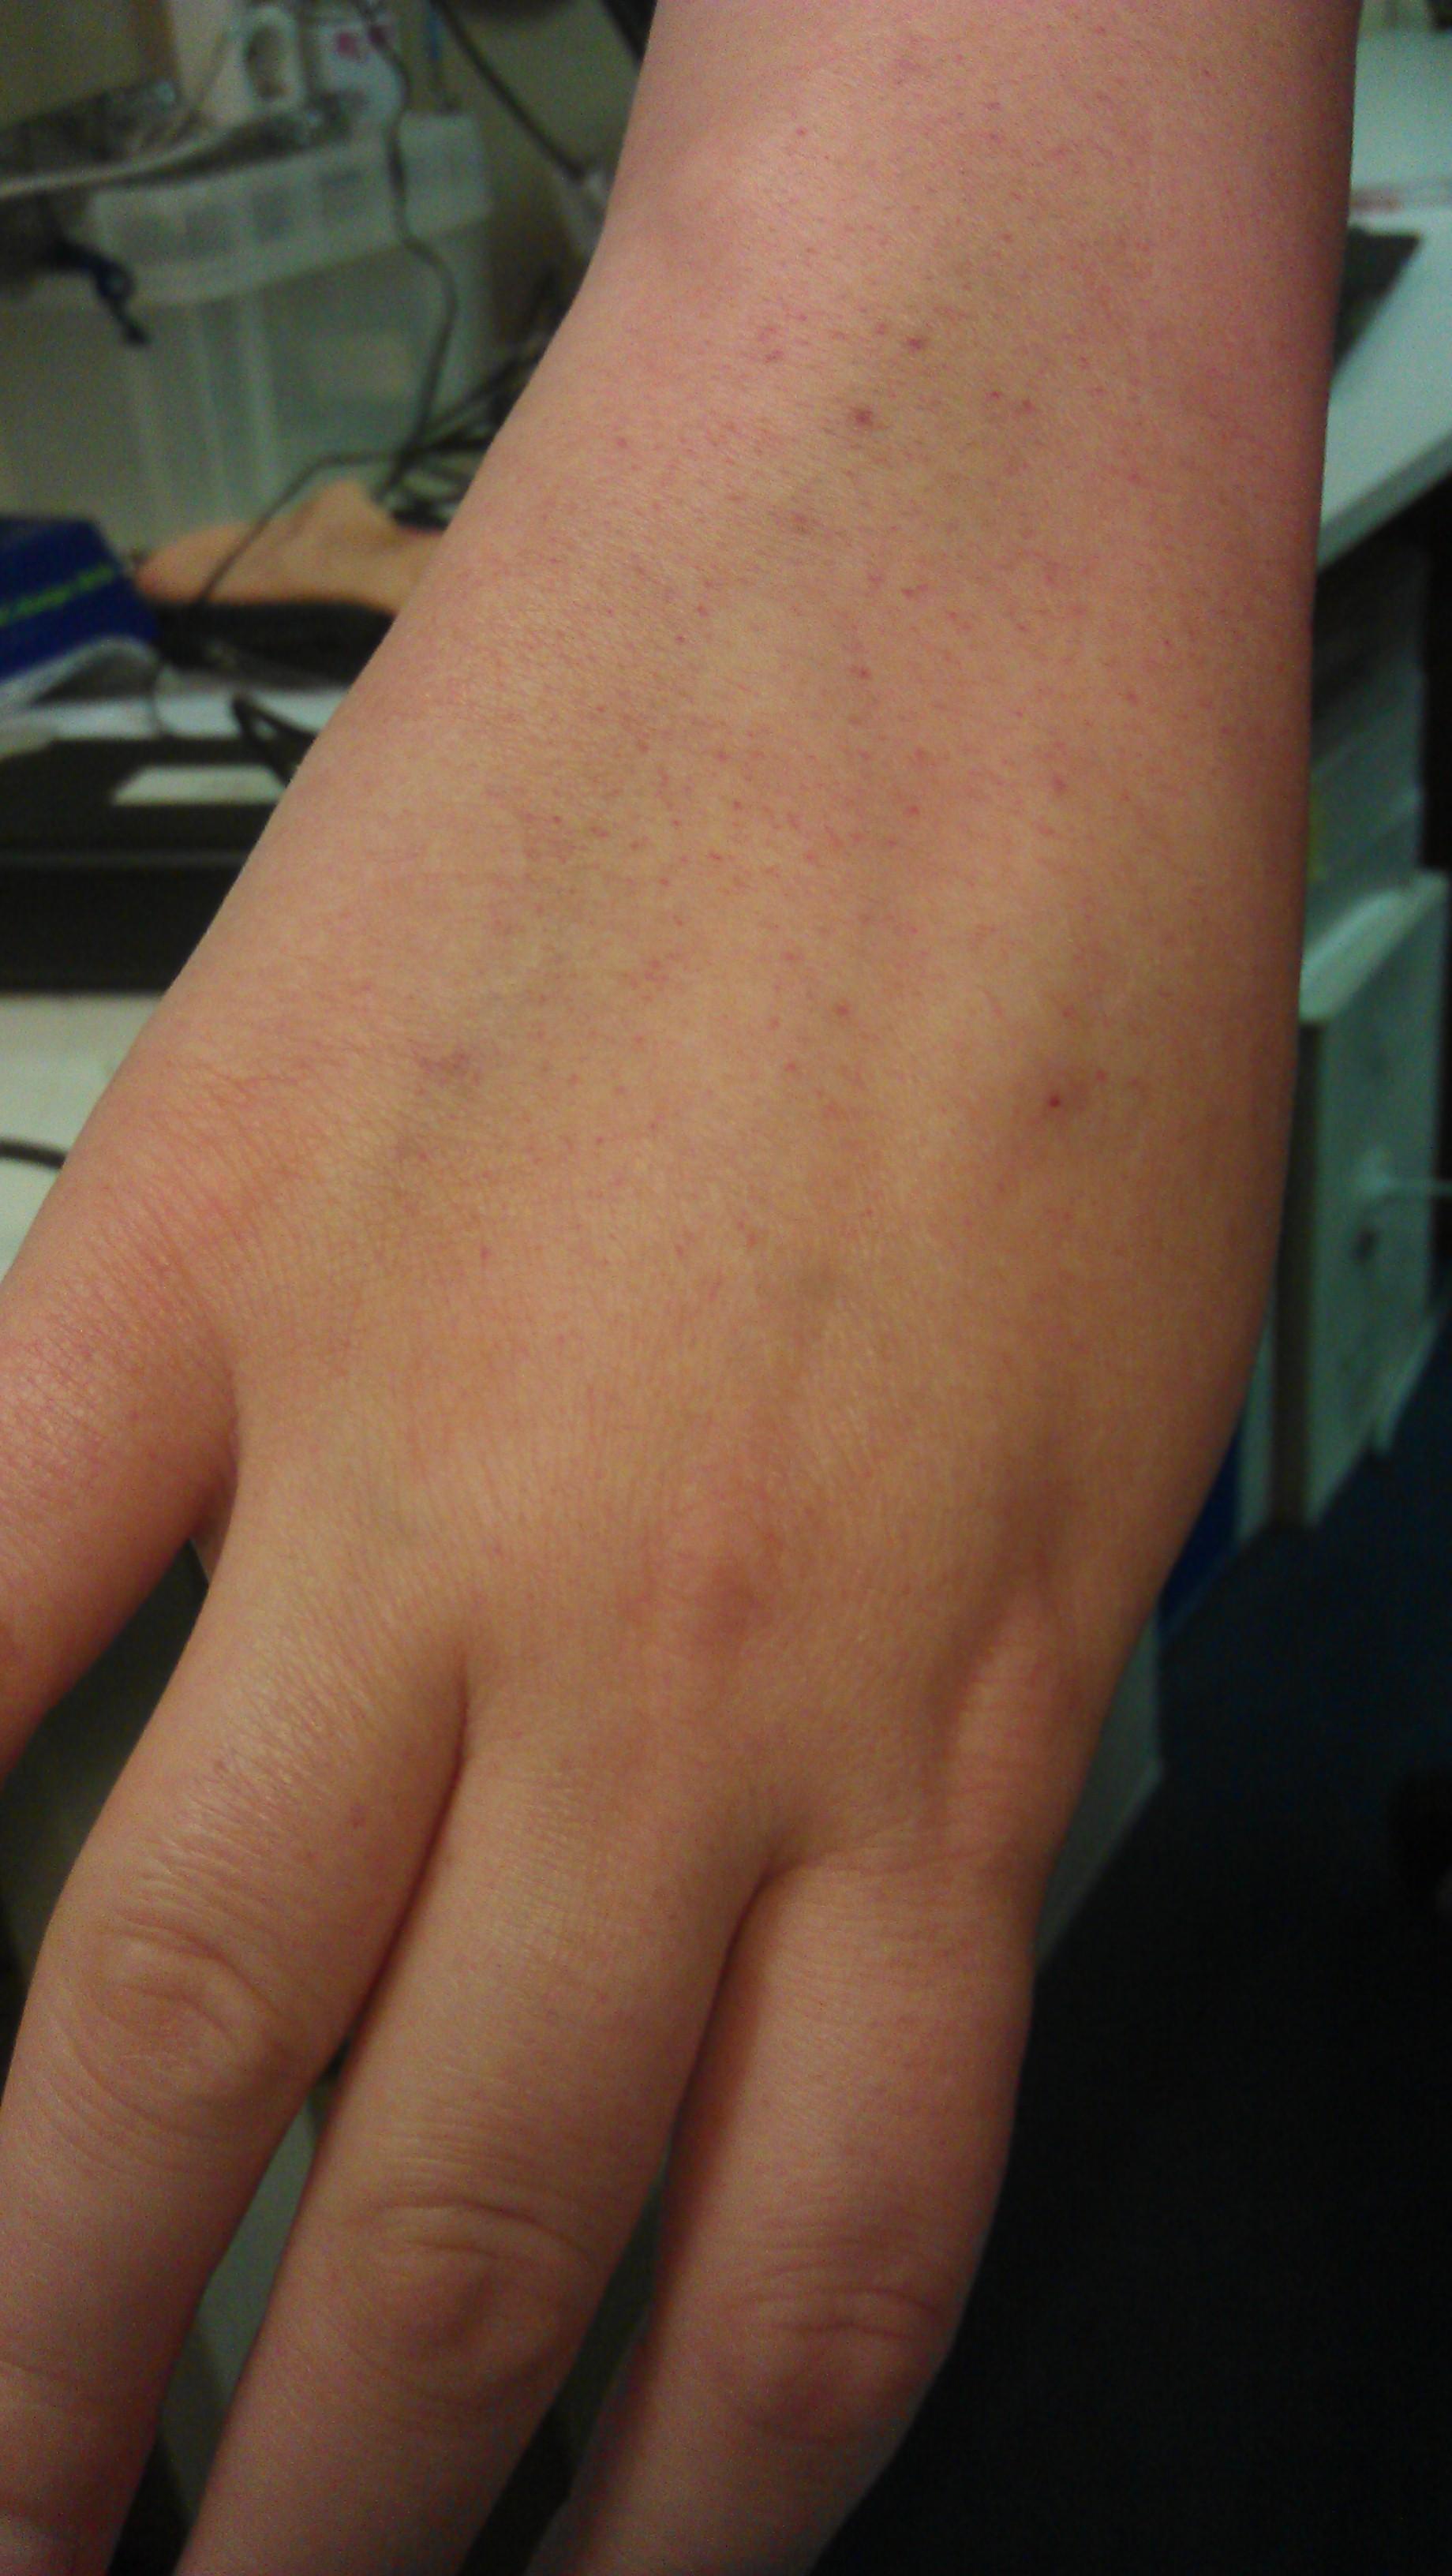 Petechiën-hand-aplastische-anemie